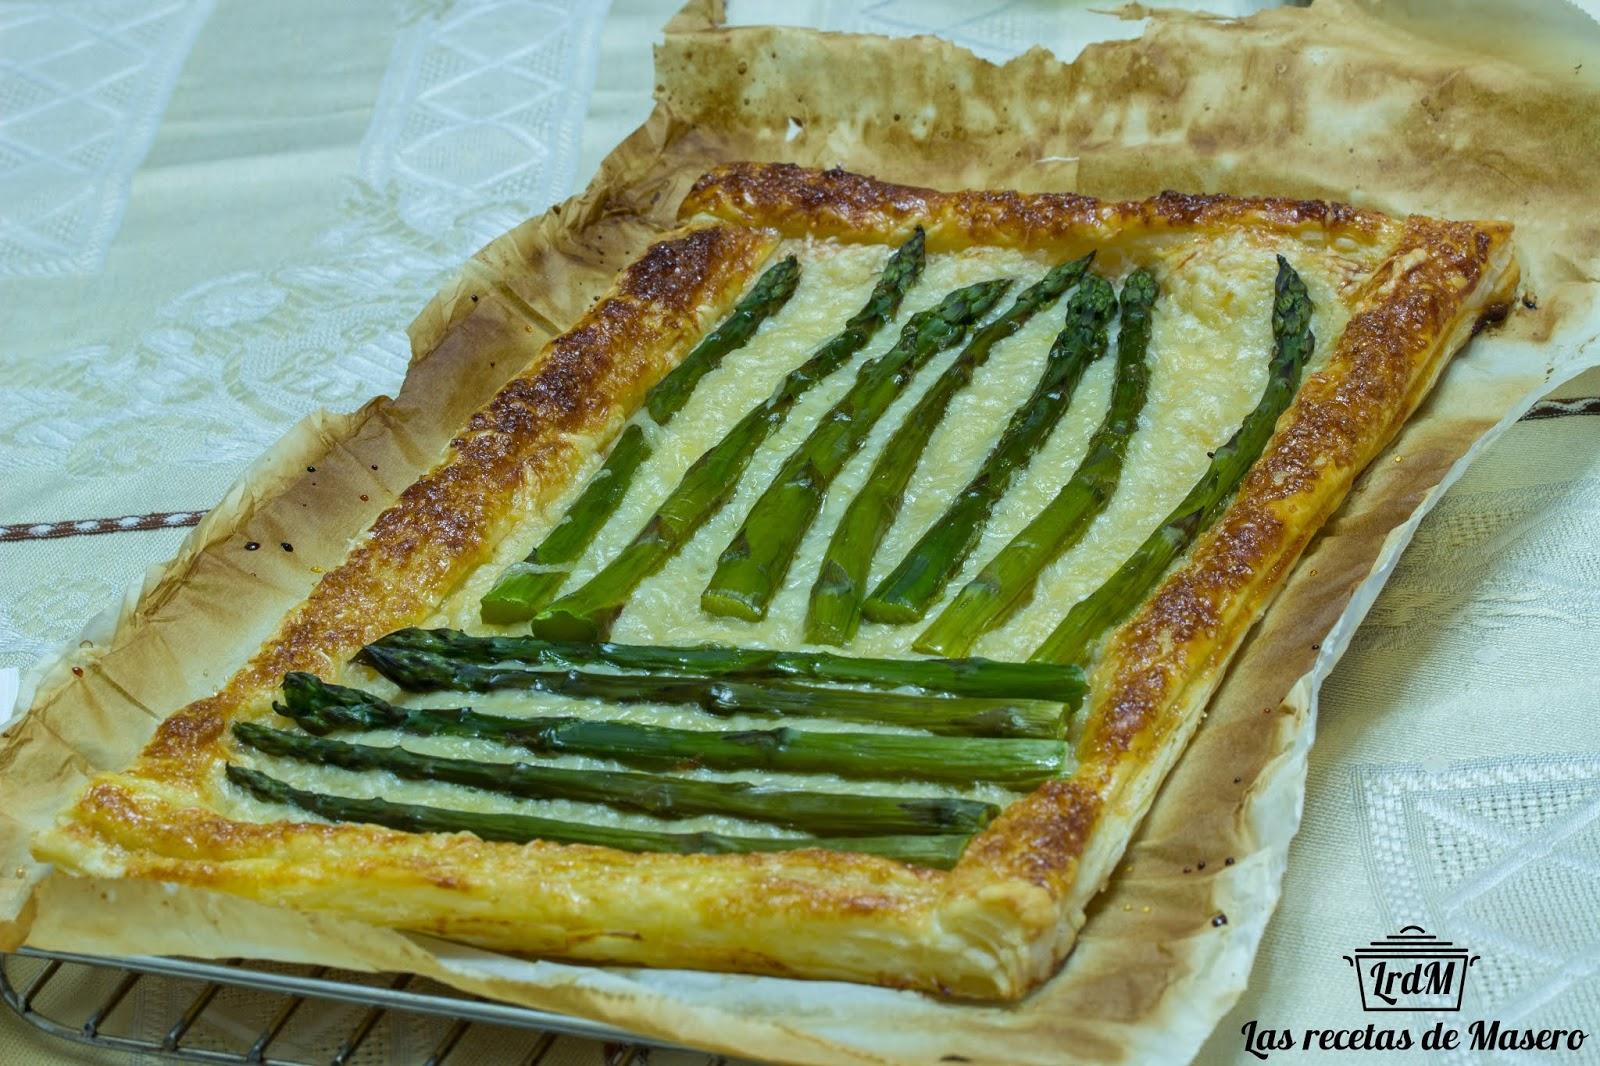 Las recetas de Masero: Hojaldre de espárragos trigueros